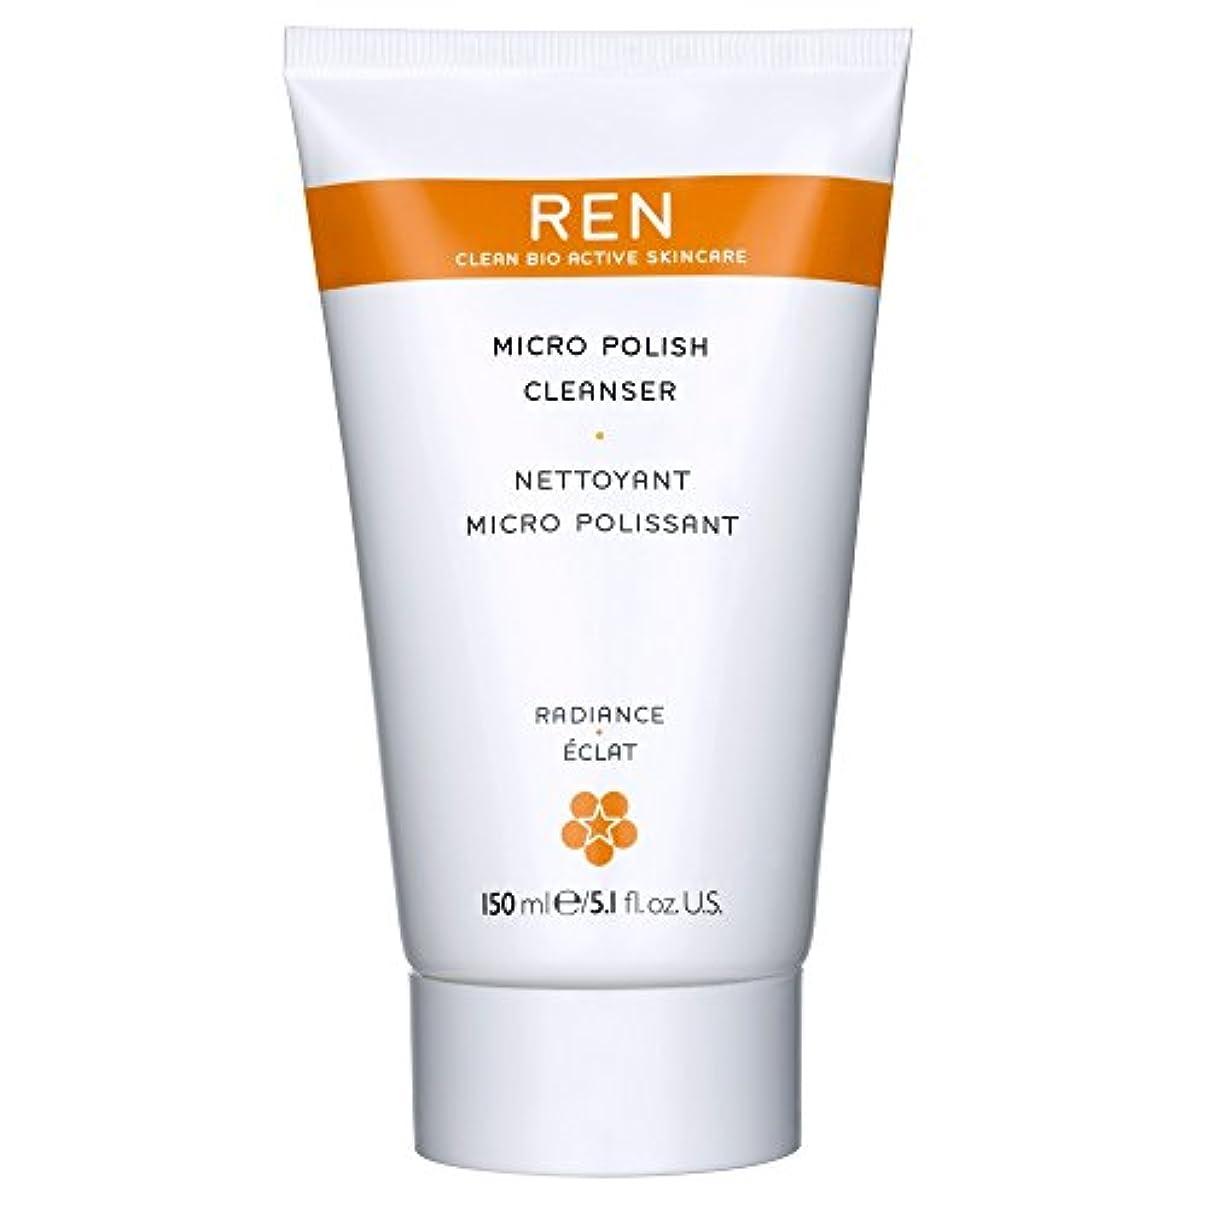 強制心配不器用Renミルコ磨きクレンザー、150ミリリットル (REN) (x6) - REN Mirco Polish Cleanser, 150ml (Pack of 6) [並行輸入品]